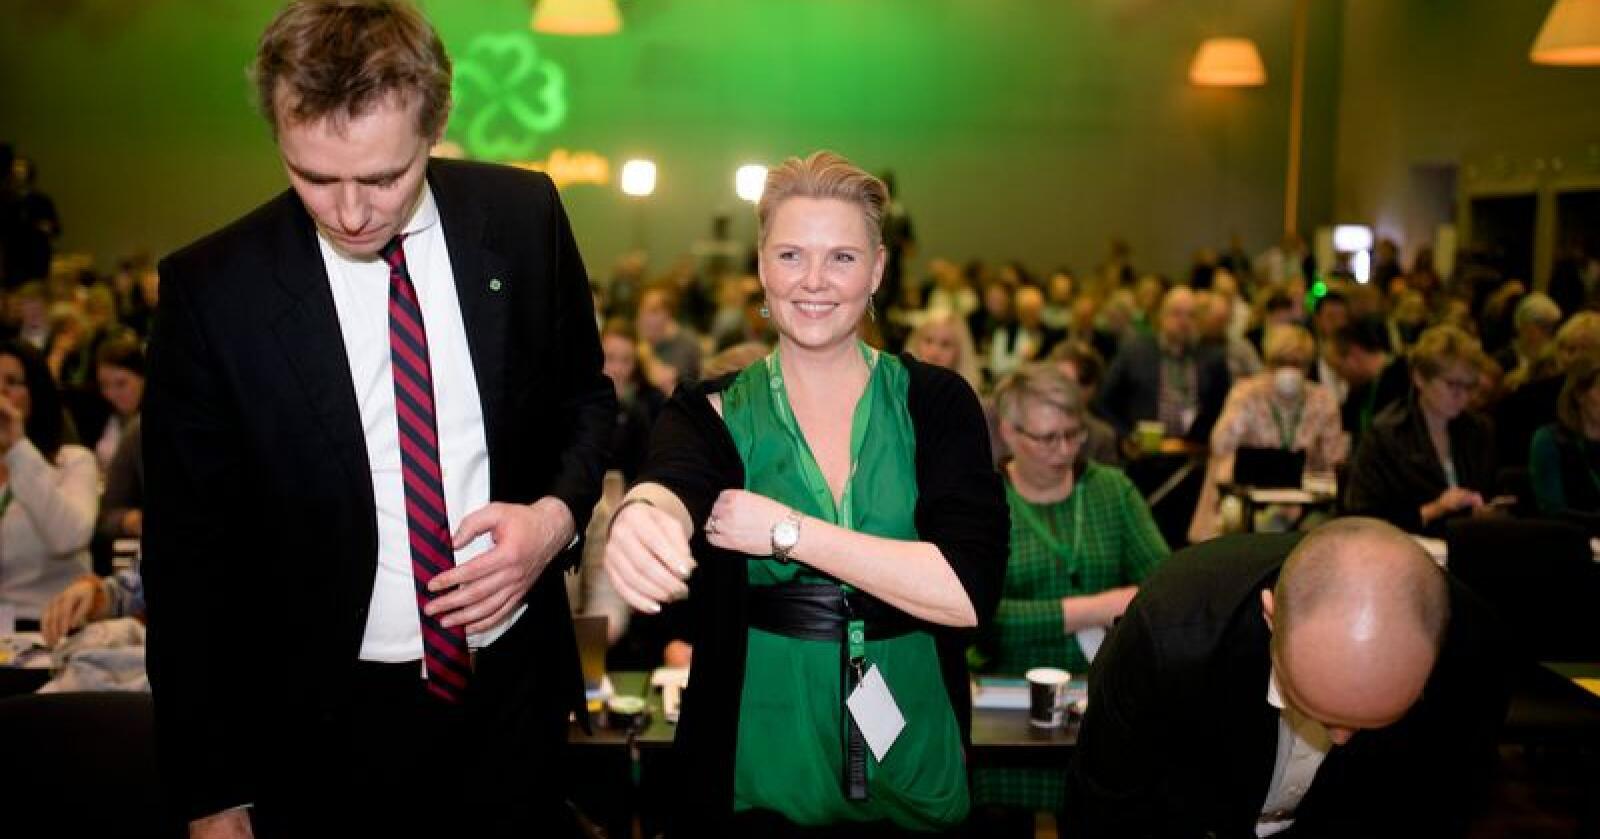 Anne Beathe Tvinnereim legger fram sin rapport om tillitsreform i offentlig sektor på helgens landsmøte i Senterpartiet, og håper det lokker ansatte i offentlig sektor til å stemme på partiet. Foto: Ole Martin Wold / NTB scanpix